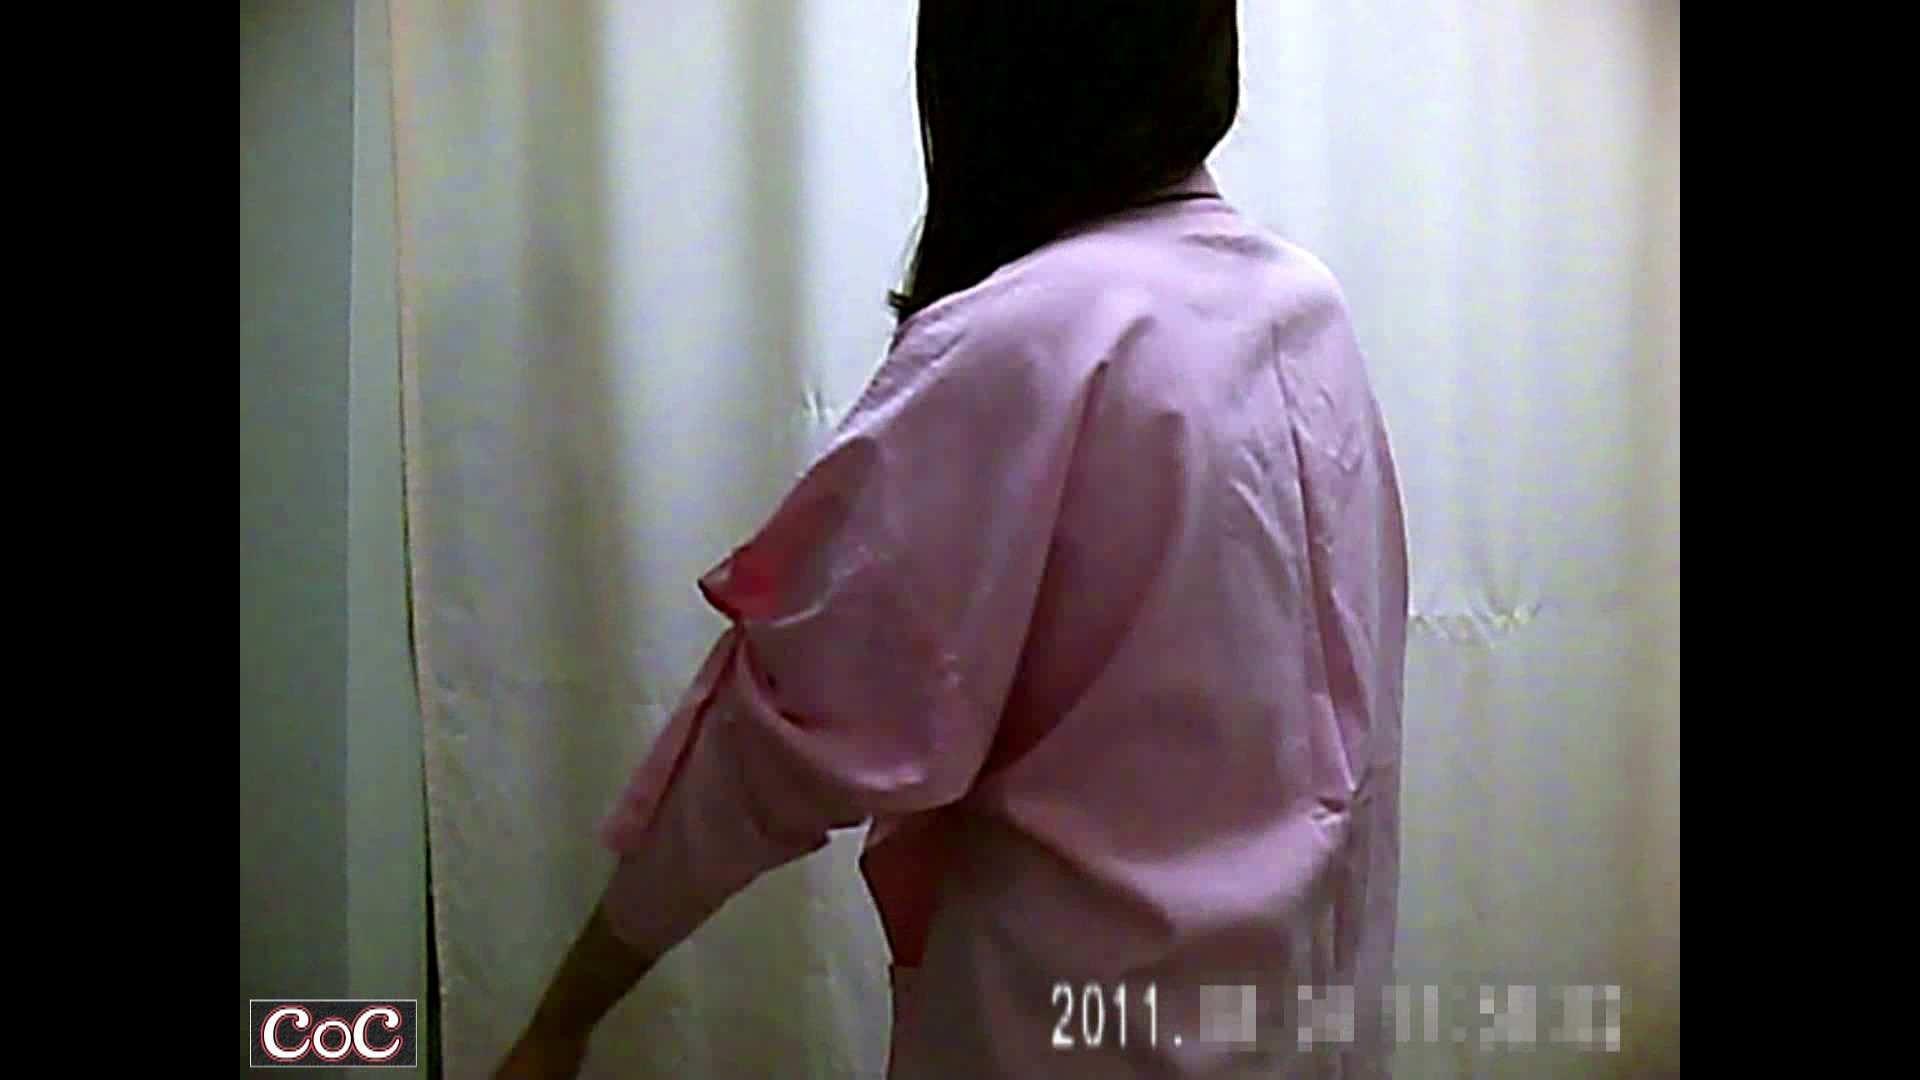 病院おもいっきり着替え! vol.10 巨乳 隠し撮りオマンコ動画紹介 102PIX 54